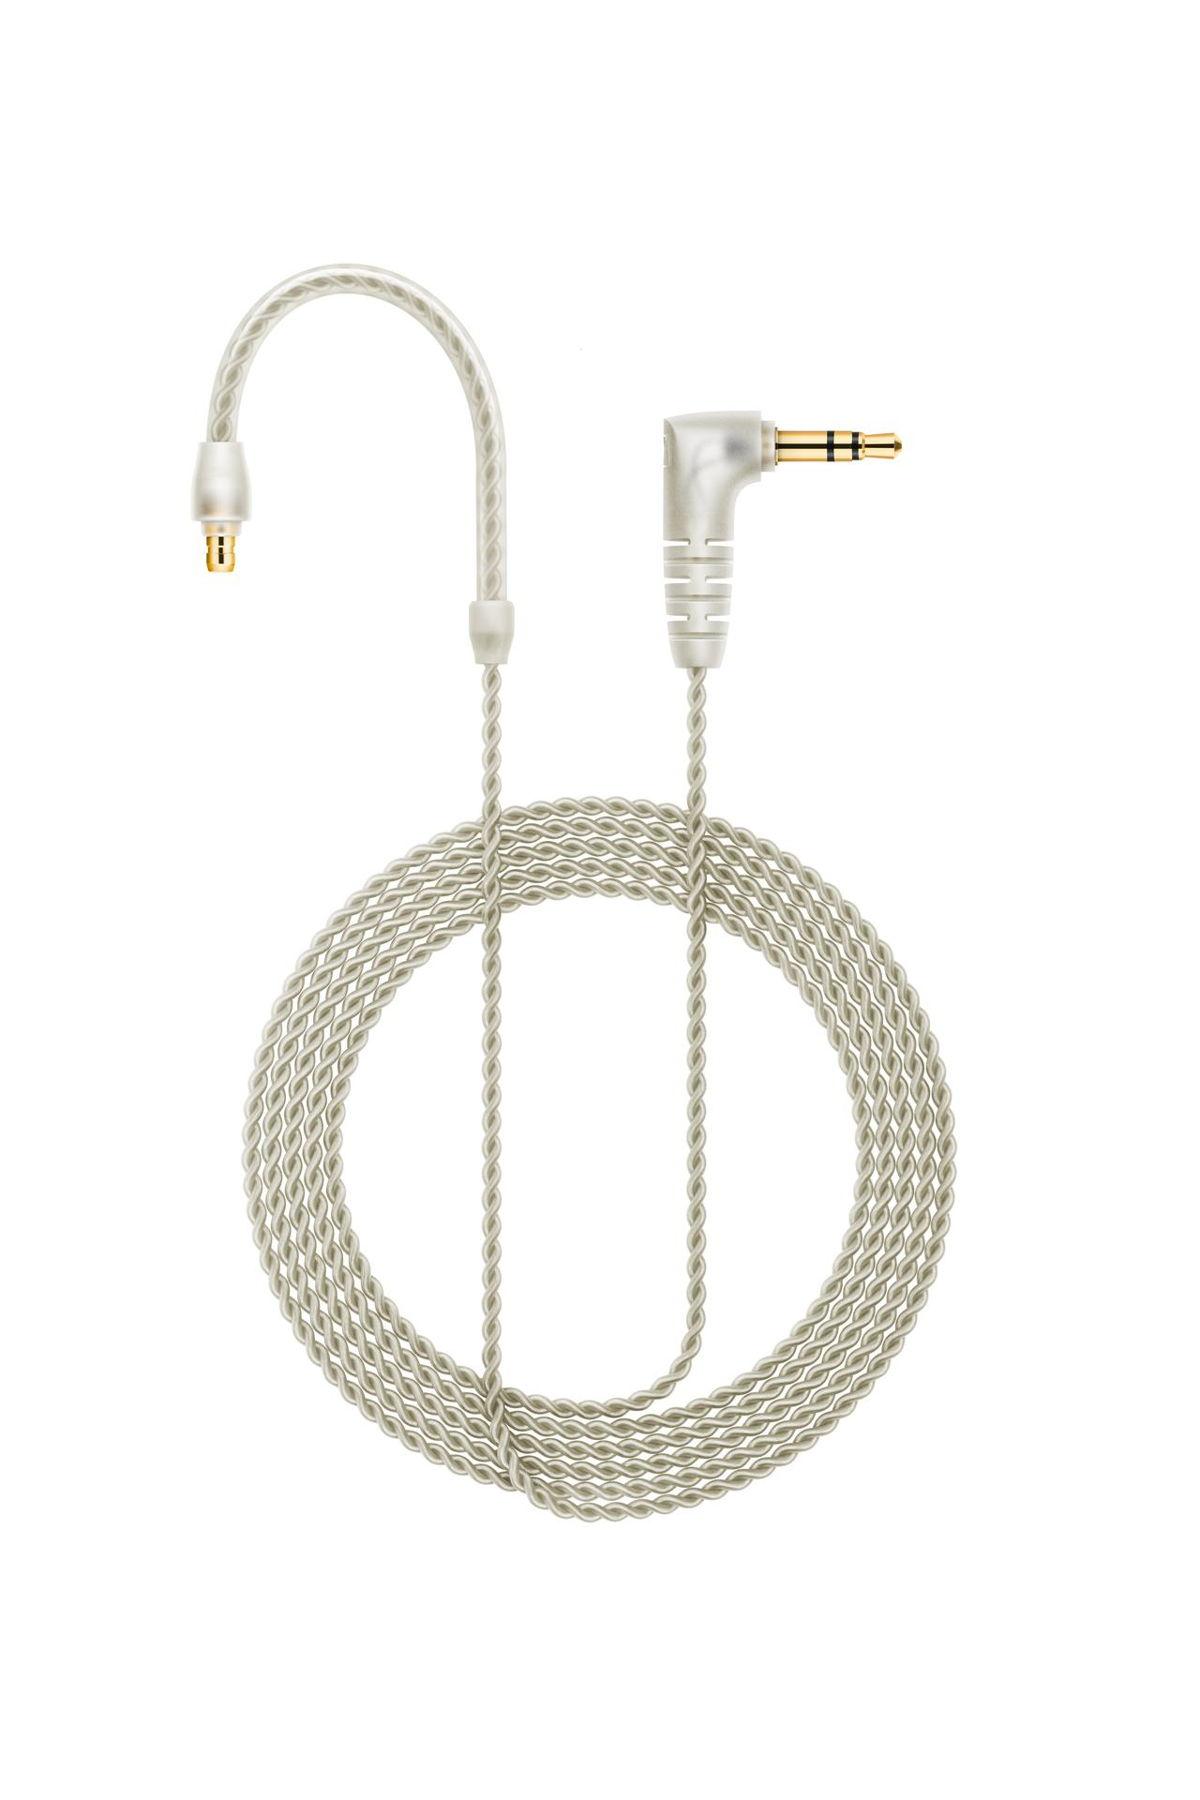 Alle kabels voor de IE PRO-reeks zijn nu compleet uitwisselbaar met alle andere modellen. In beeld: de nieuwe, low-noise IE PRO Mono Cable voor broadcasttoepassingen